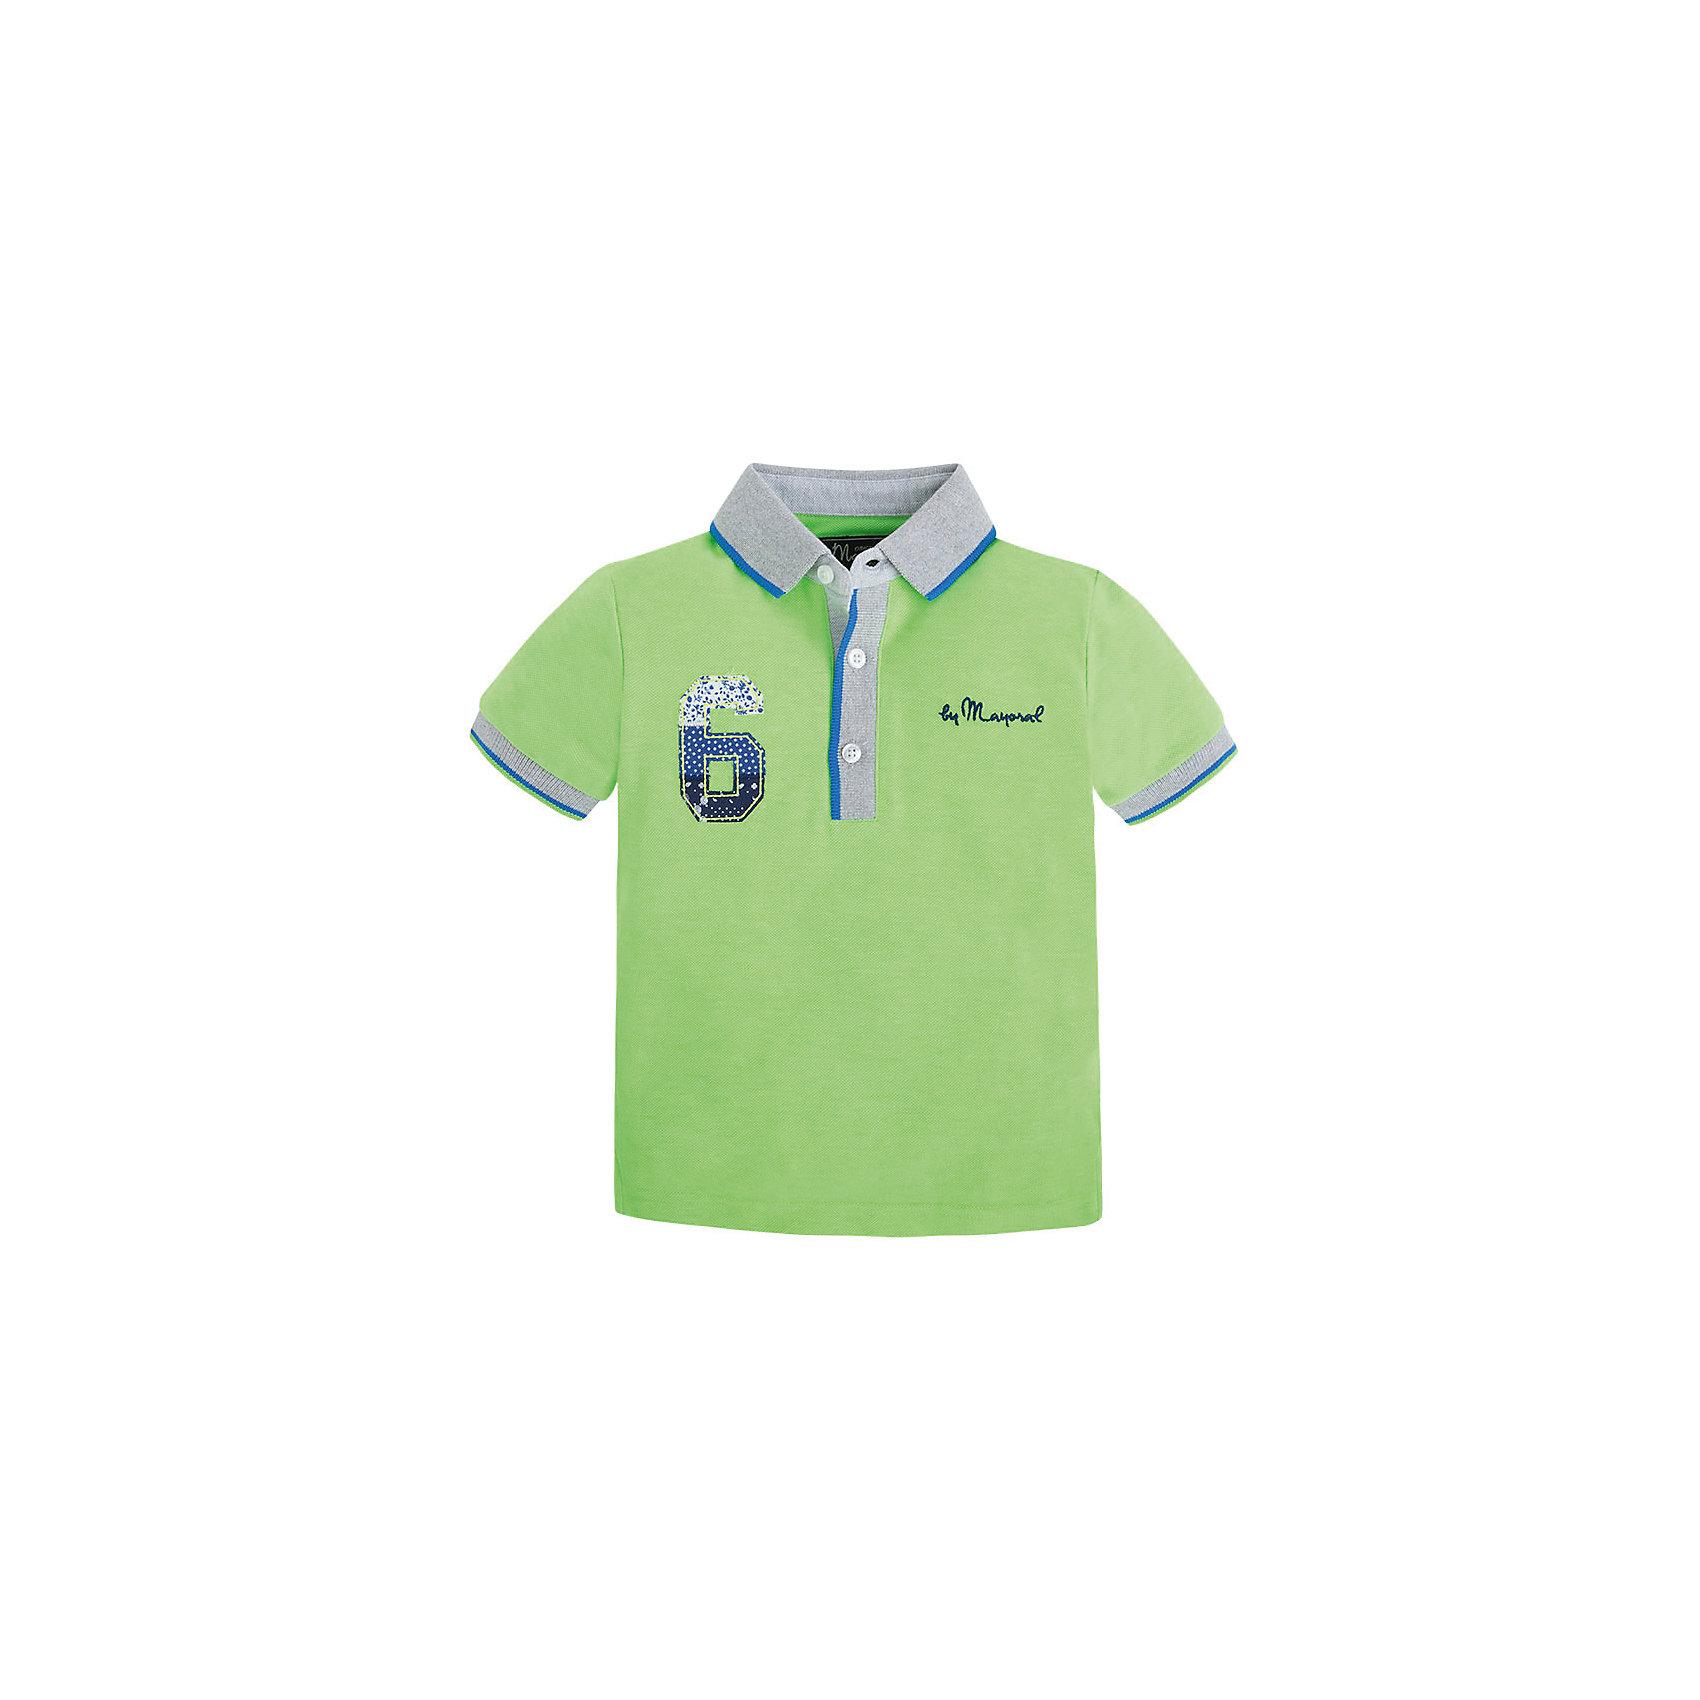 Футболка-поло для мальчика MayoralРубашка-поло для мальчика от известной испанской марки Mayoral <br><br>Стильная рубашка от Mayoral смотрится отлично и с джинсами и с брюками.  Модель выполнена из качественных материалов, хорошо сидит по фигуре. Модная и универсальная вещь.<br><br>Особенности модели:<br><br>- цвет: зеленый;<br>- рукава короткие;<br>- контрастная отделка ворота и рукавов;<br>- украшена вышивкой;<br>- натуральный материал.<br><br>Дополнительная информация:<br><br>Состав: 100% хлопок<br><br>Рубашку-поло для мальчика Mayoral (Майорал) можно купить в нашем магазине.<br><br>Ширина мм: 174<br>Глубина мм: 10<br>Высота мм: 169<br>Вес г: 157<br>Цвет: зеленый<br>Возраст от месяцев: 96<br>Возраст до месяцев: 108<br>Пол: Мужской<br>Возраст: Детский<br>Размер: 134,116,98,104,110,122,128<br>SKU: 4541719